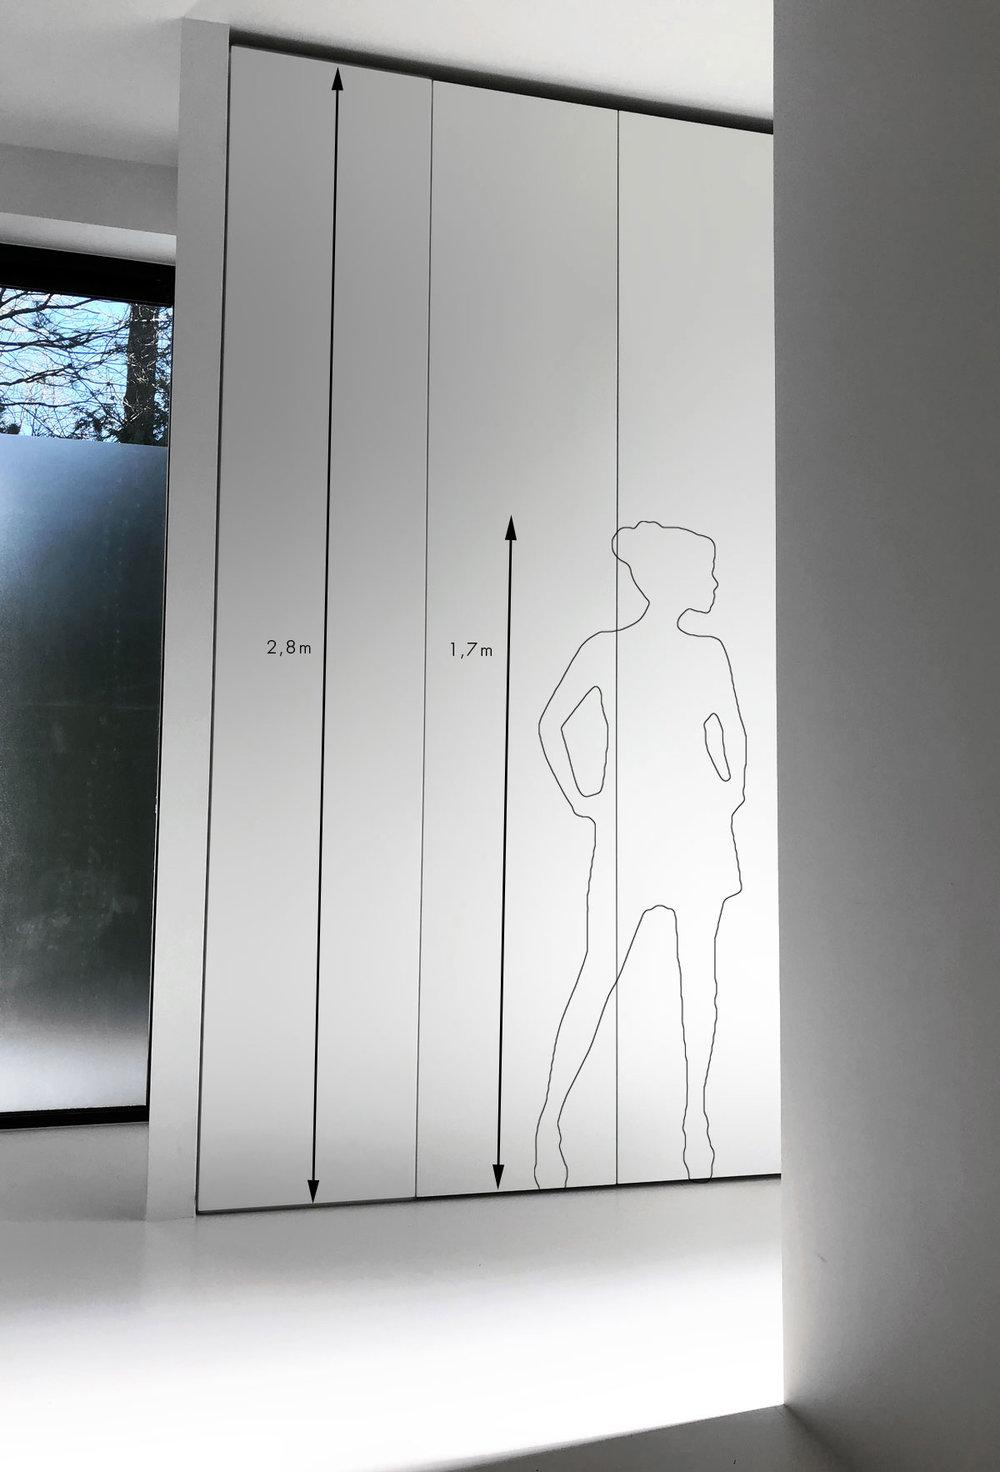 Afbeelding van een design kledingkast op maat met extreem hoge deuren, ter illustratie van de hoogte is er een lijntekening van een persoon figuur zichtbaar.